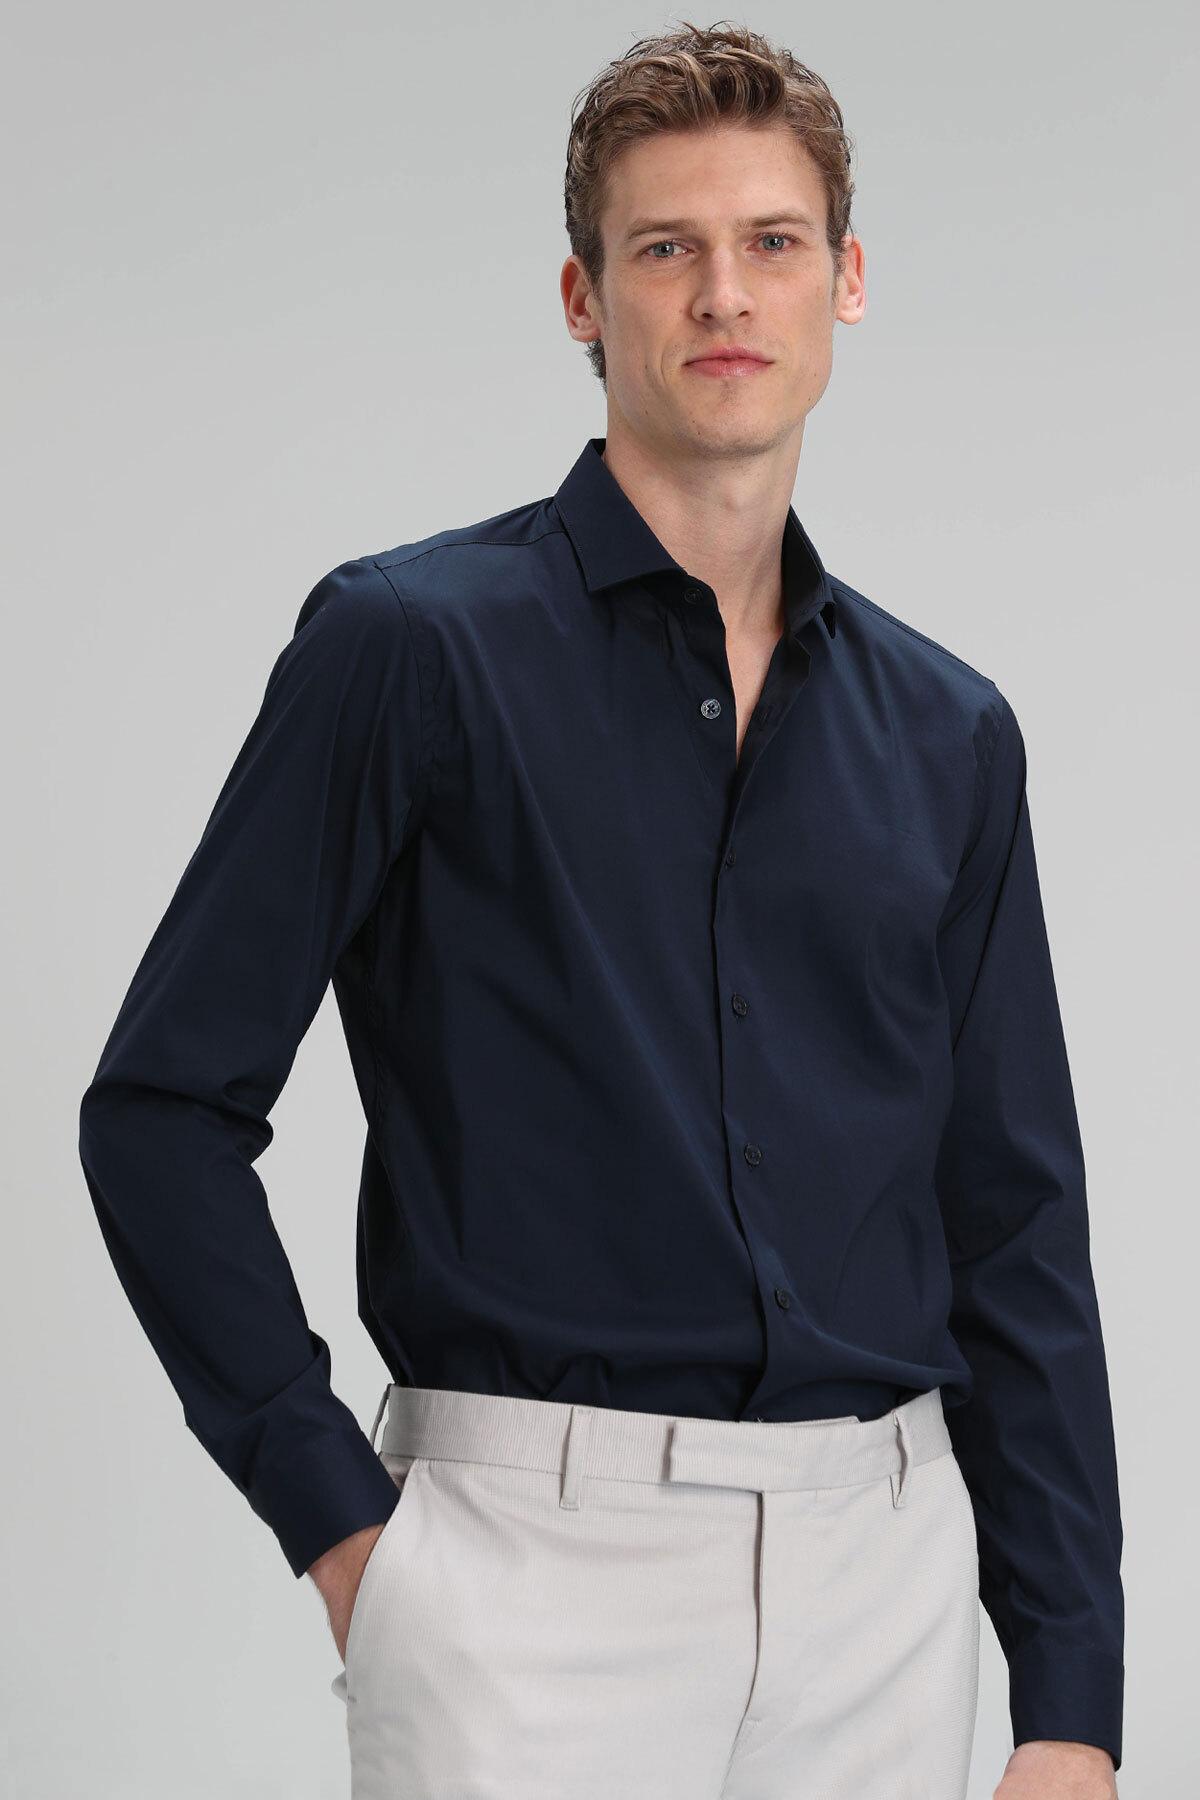 Austın Erkek Basic Gömlek Slim Fit Lacivert